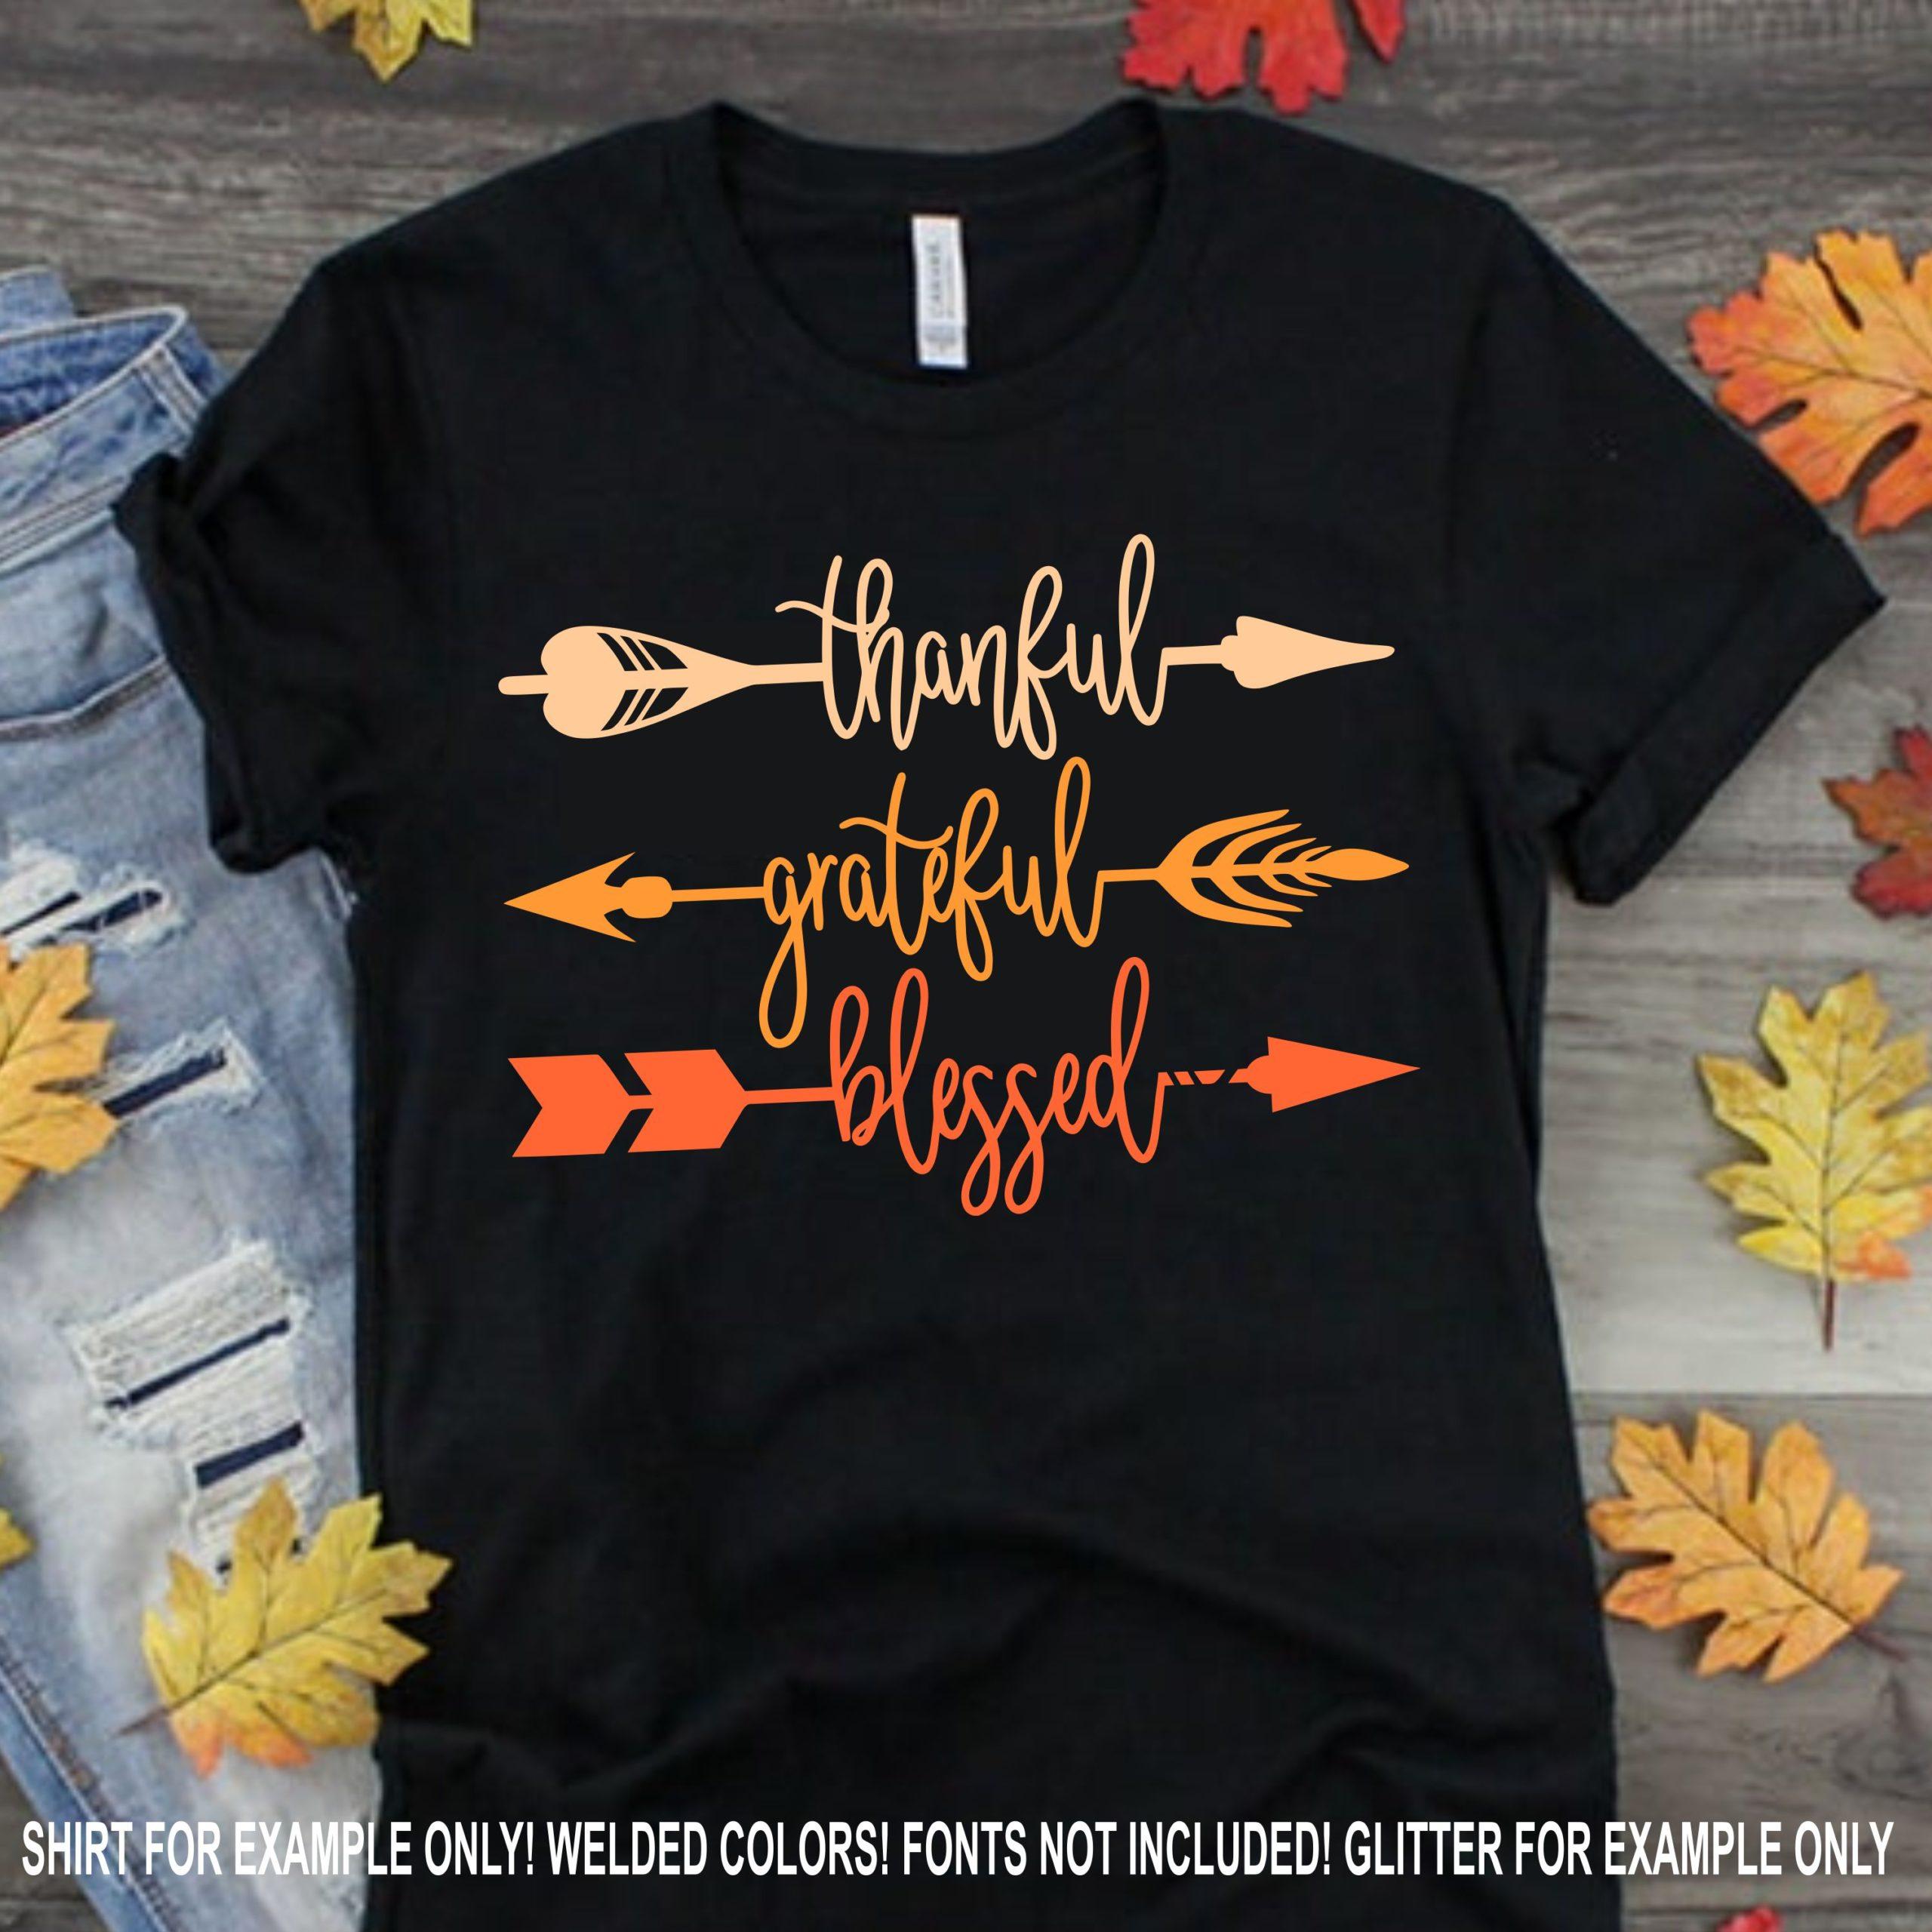 Thankfulgratefulblessedarrowsvg1-tftaah